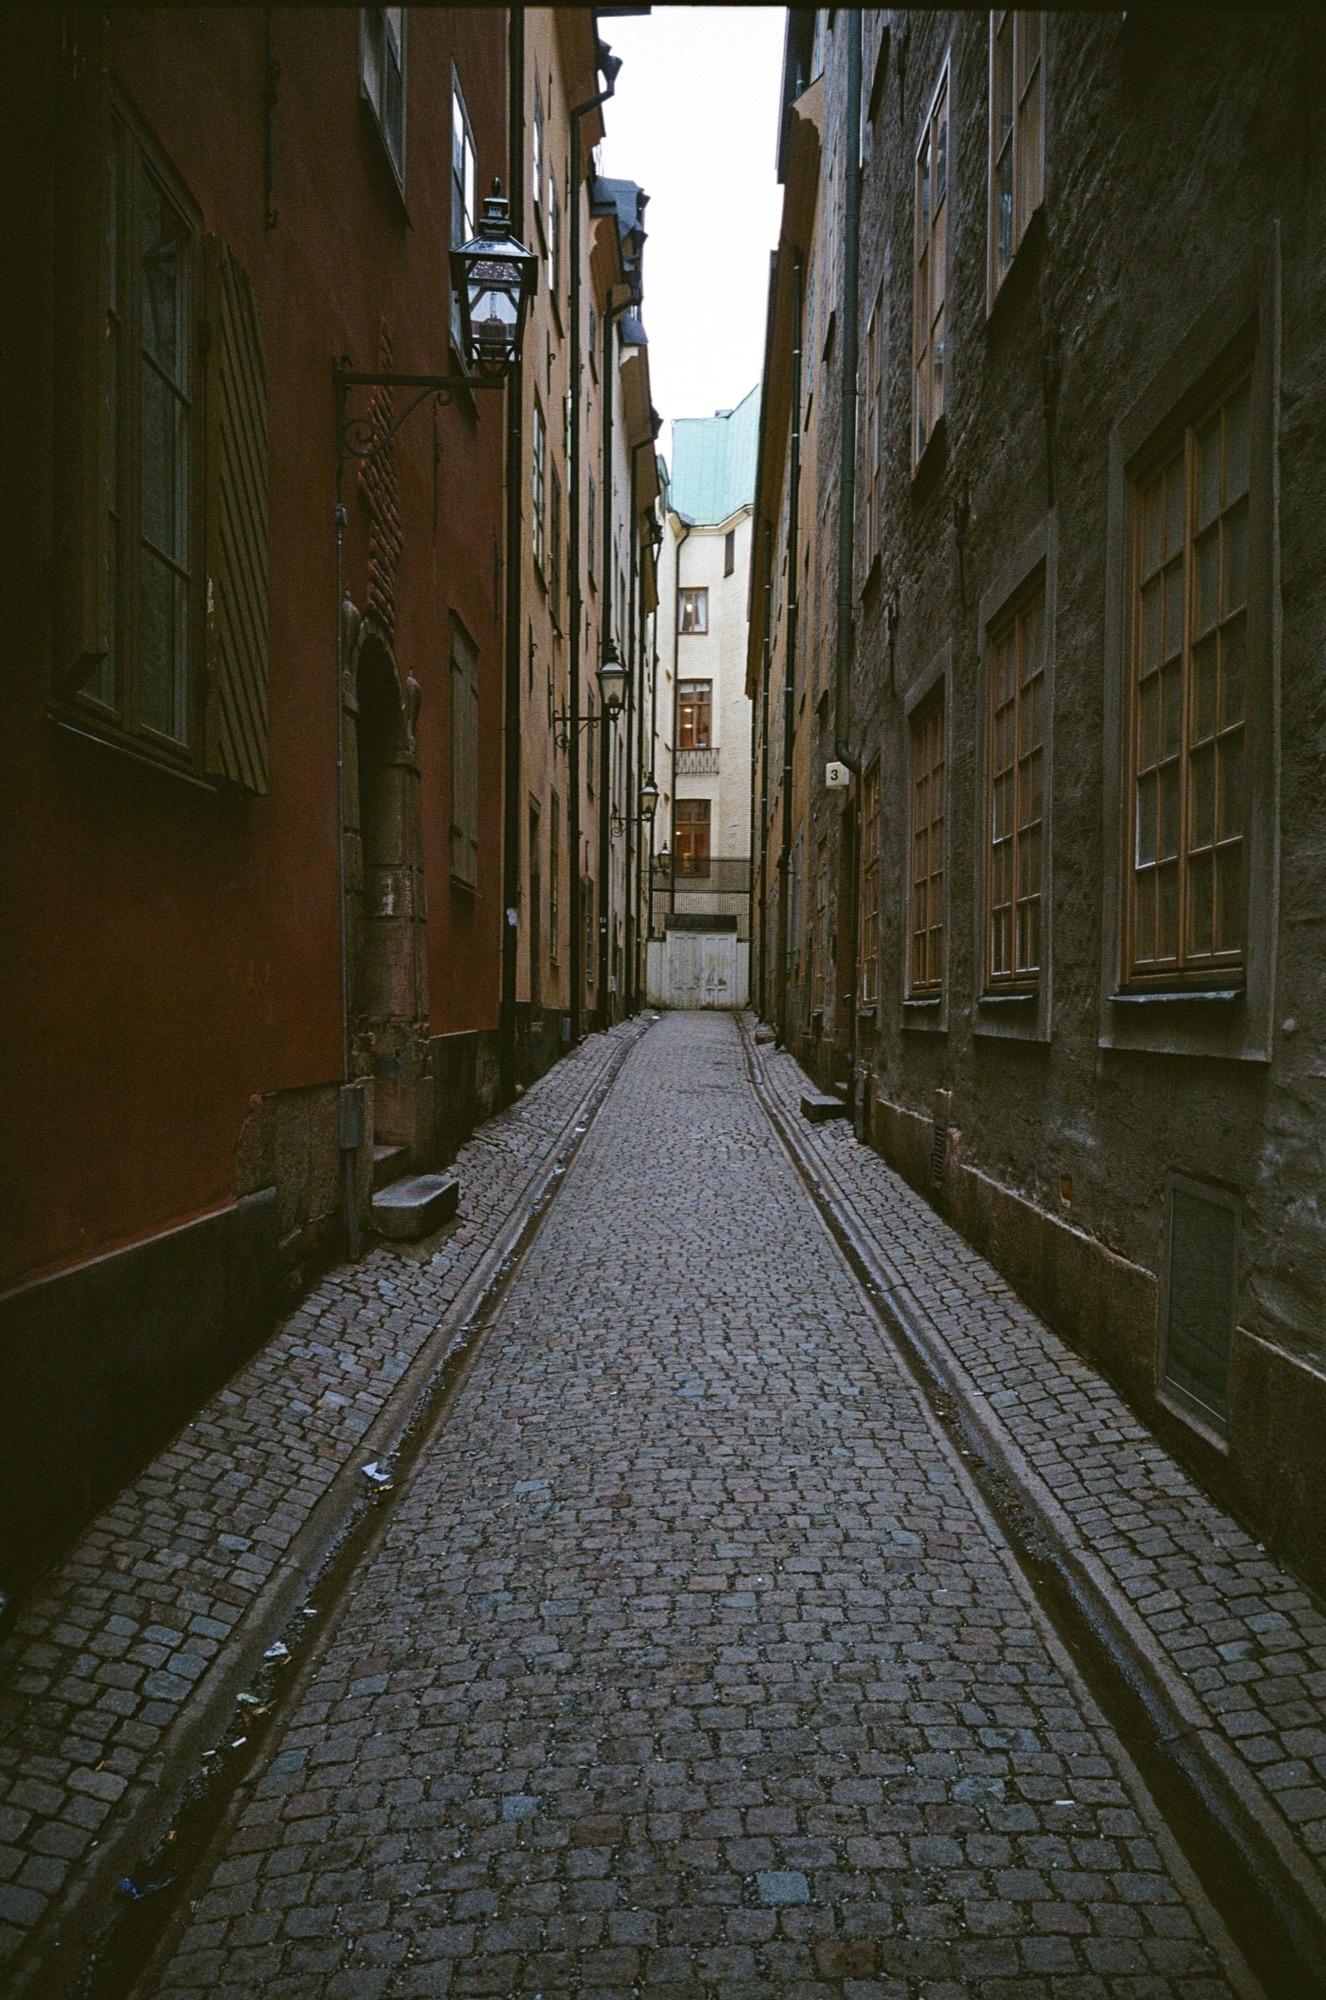 cameraville_leica_mda_stockholm_avenon_28mm_kodak_gold_400_17.jpg